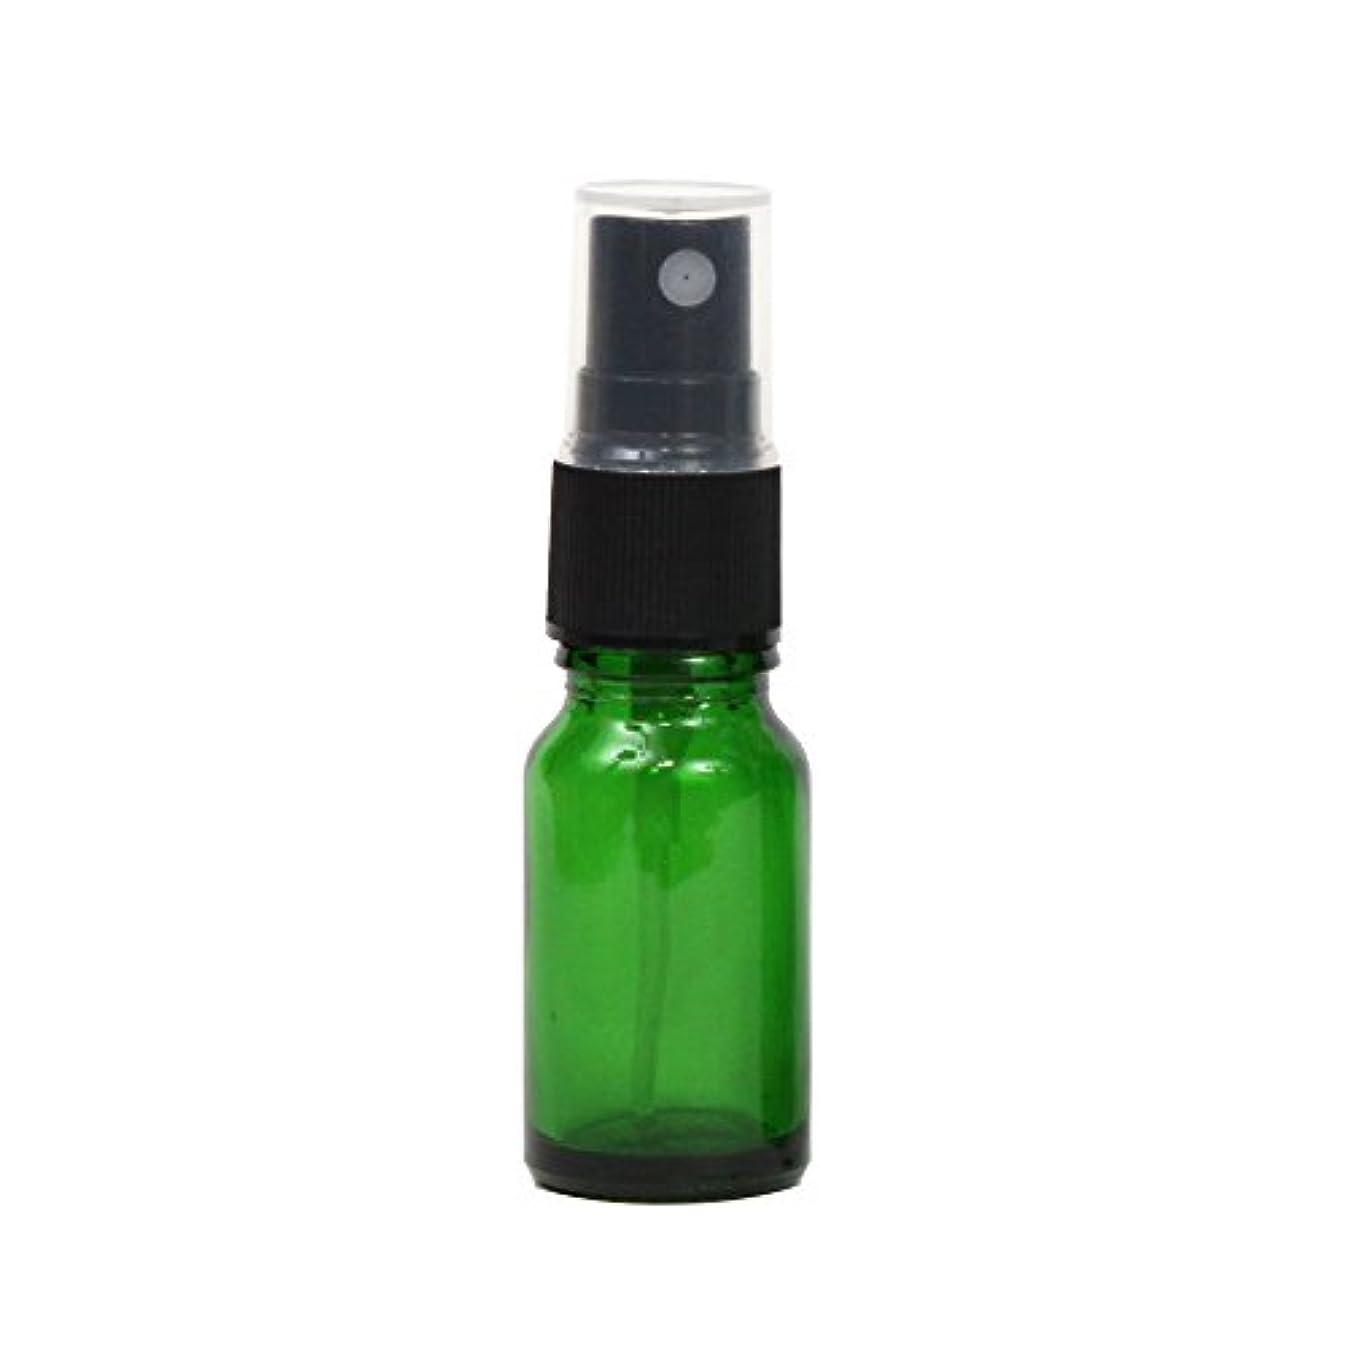 出席するキロメートル信頼性スプレーボトル ガラス瓶 10mL 遮光性グリーン ガラスアトマイザー 空容器